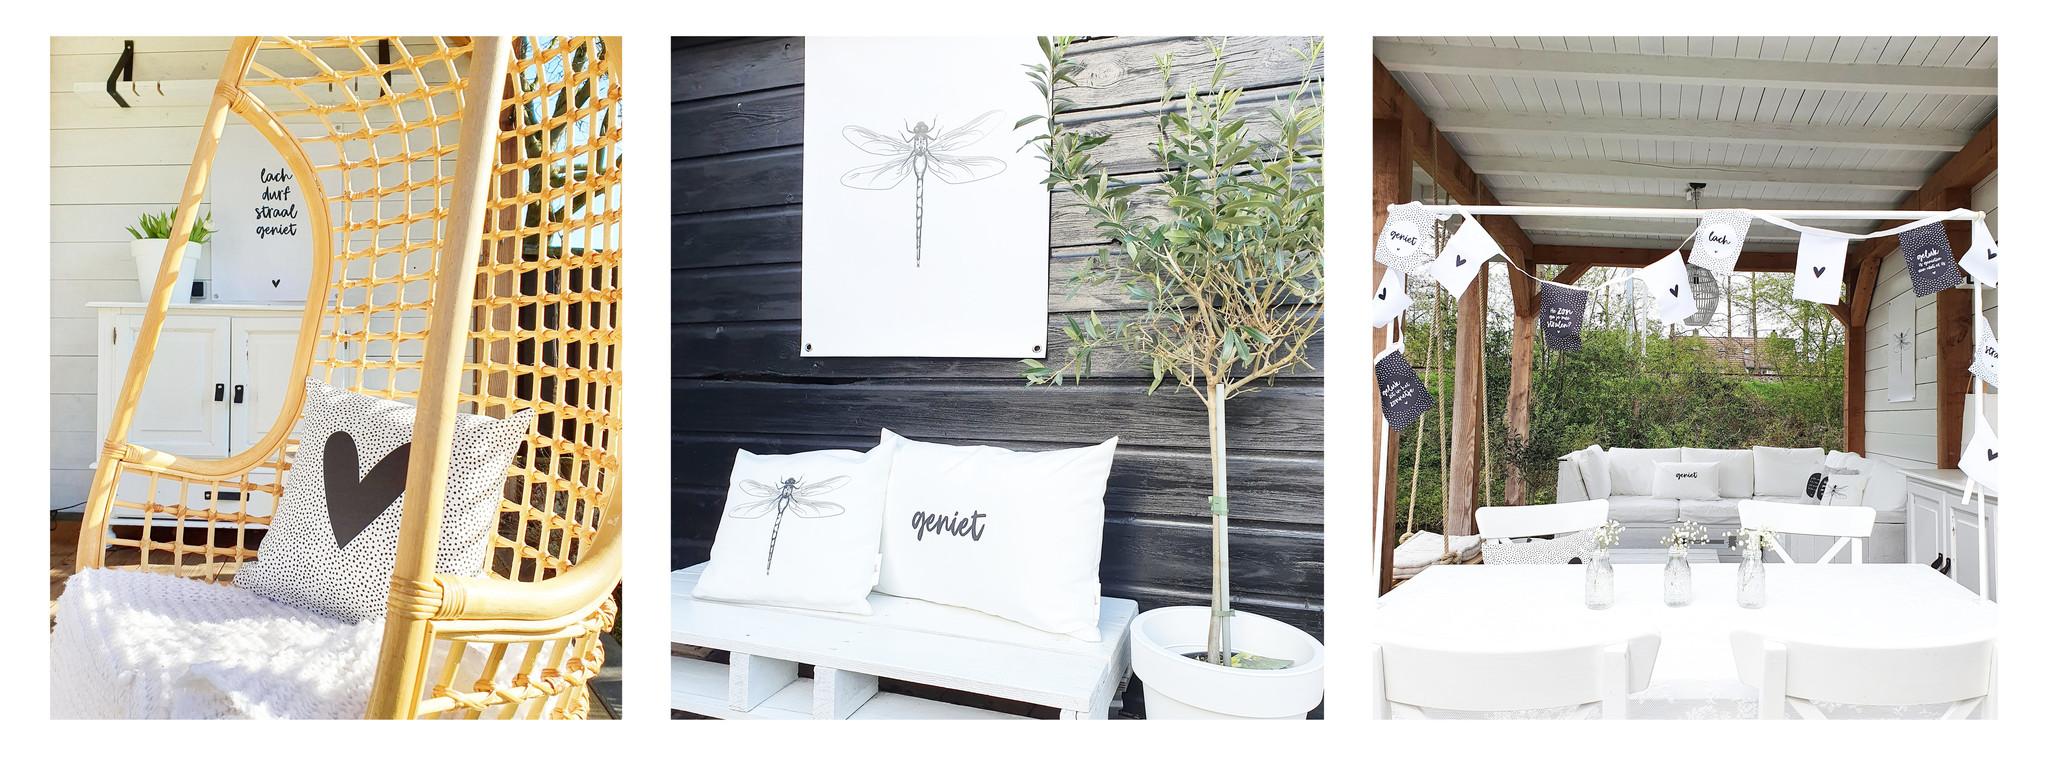 buitenkussens, tuinposters en muurcirkels voor buiten